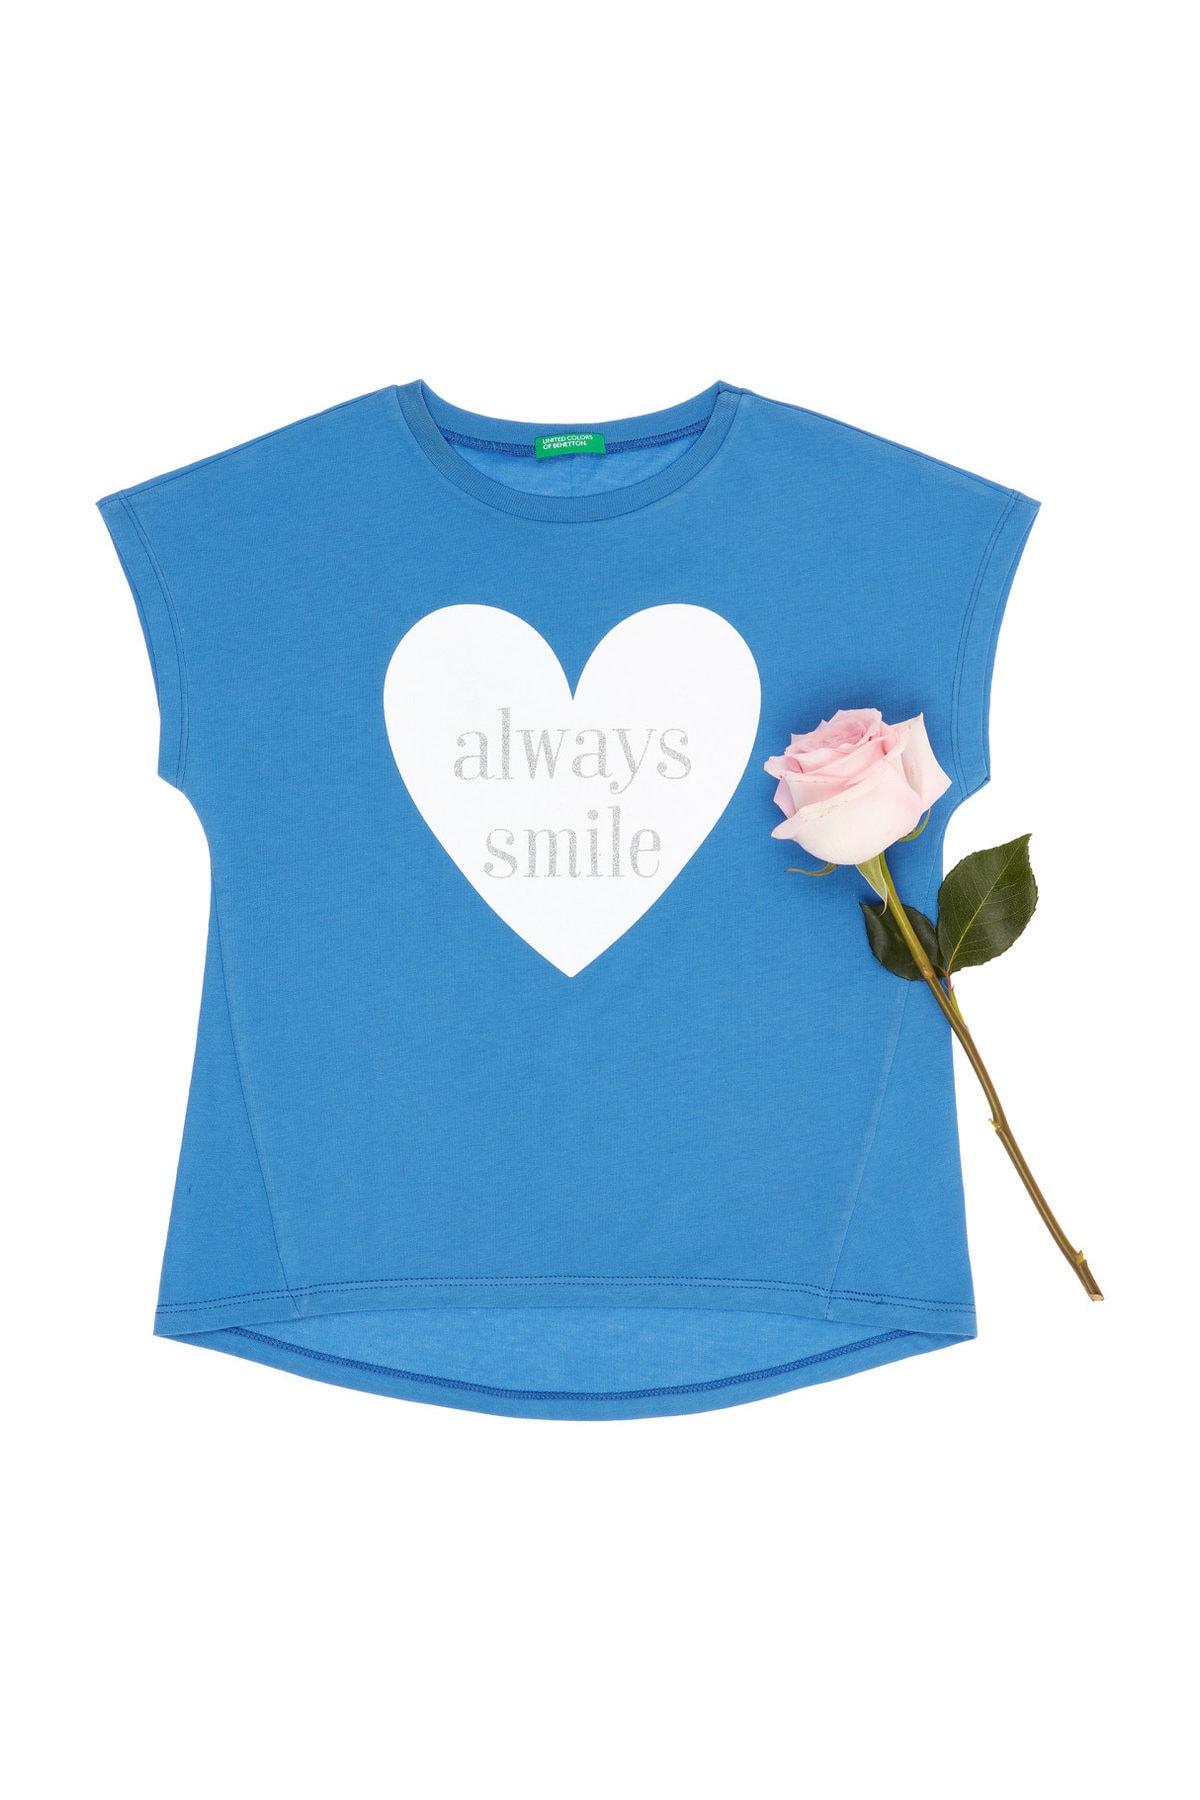 United Colors of Benetton Çivit Mavi Kız Çocuk Simli Slogan Yazı Baskılı Tshirt 1